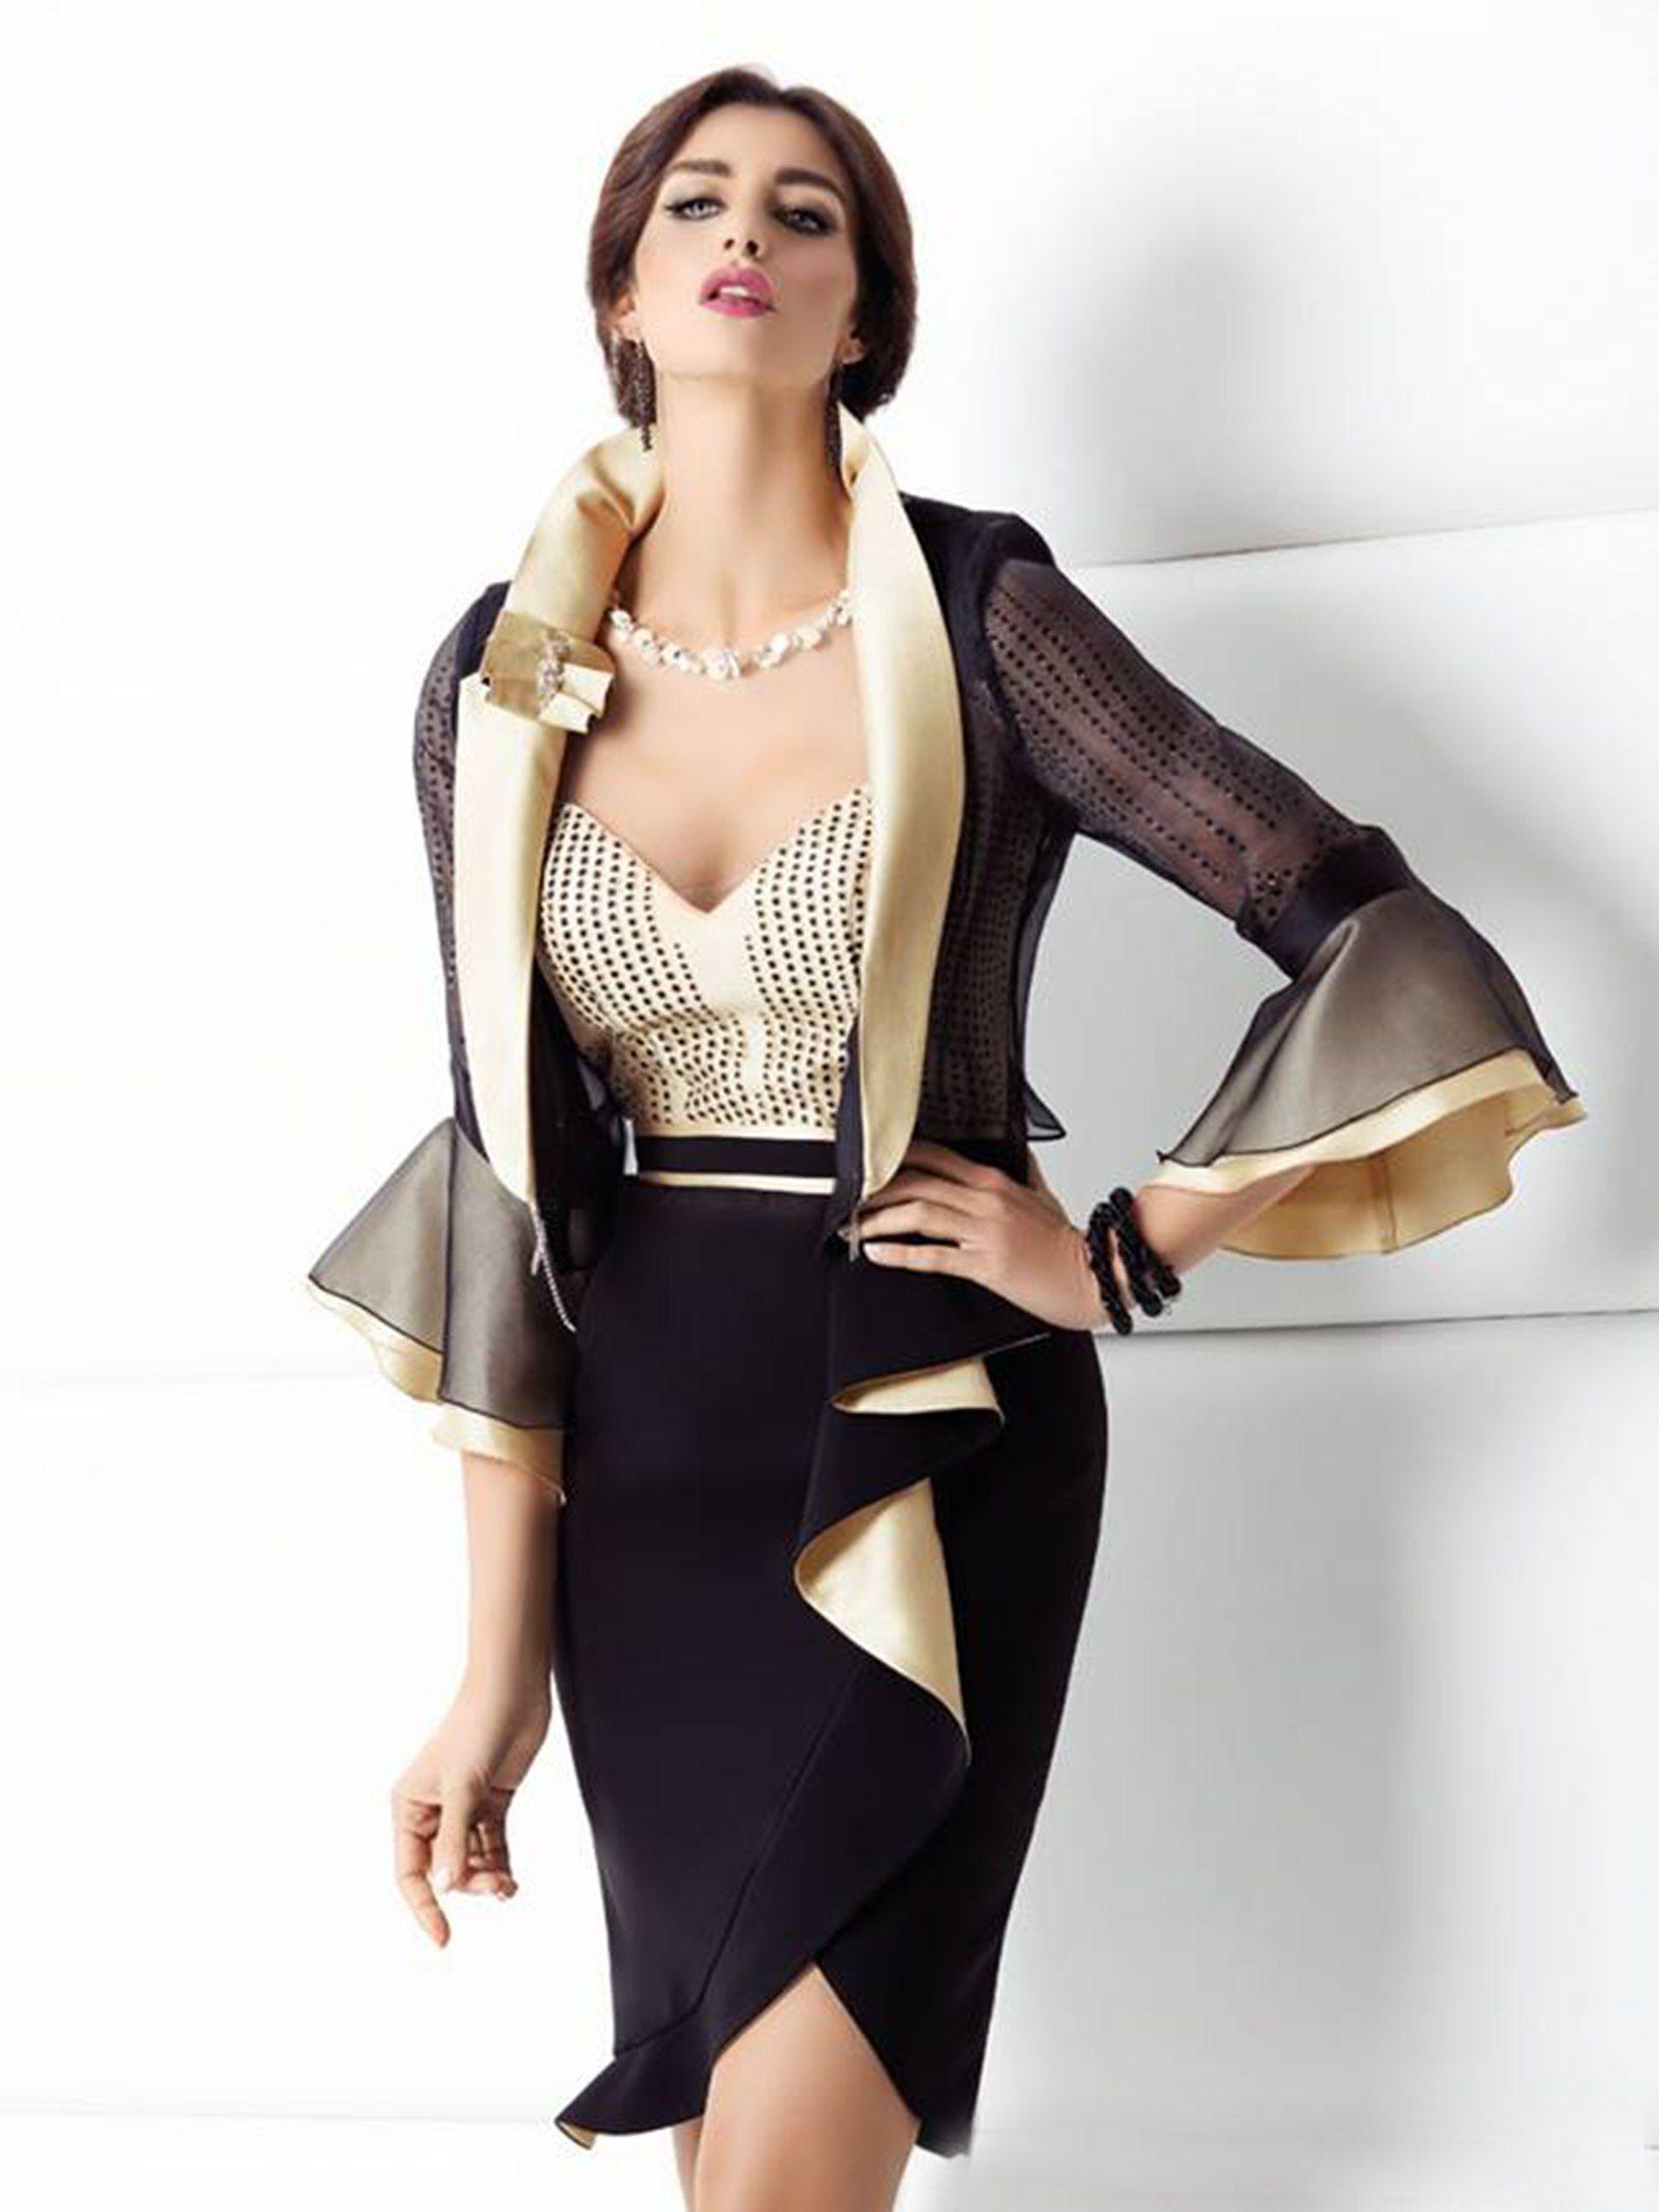 Vestiti Eleganti Moda 2018.Abito Cerimonia Intell 7 Intelligere Moda 2018 Abiti Moda